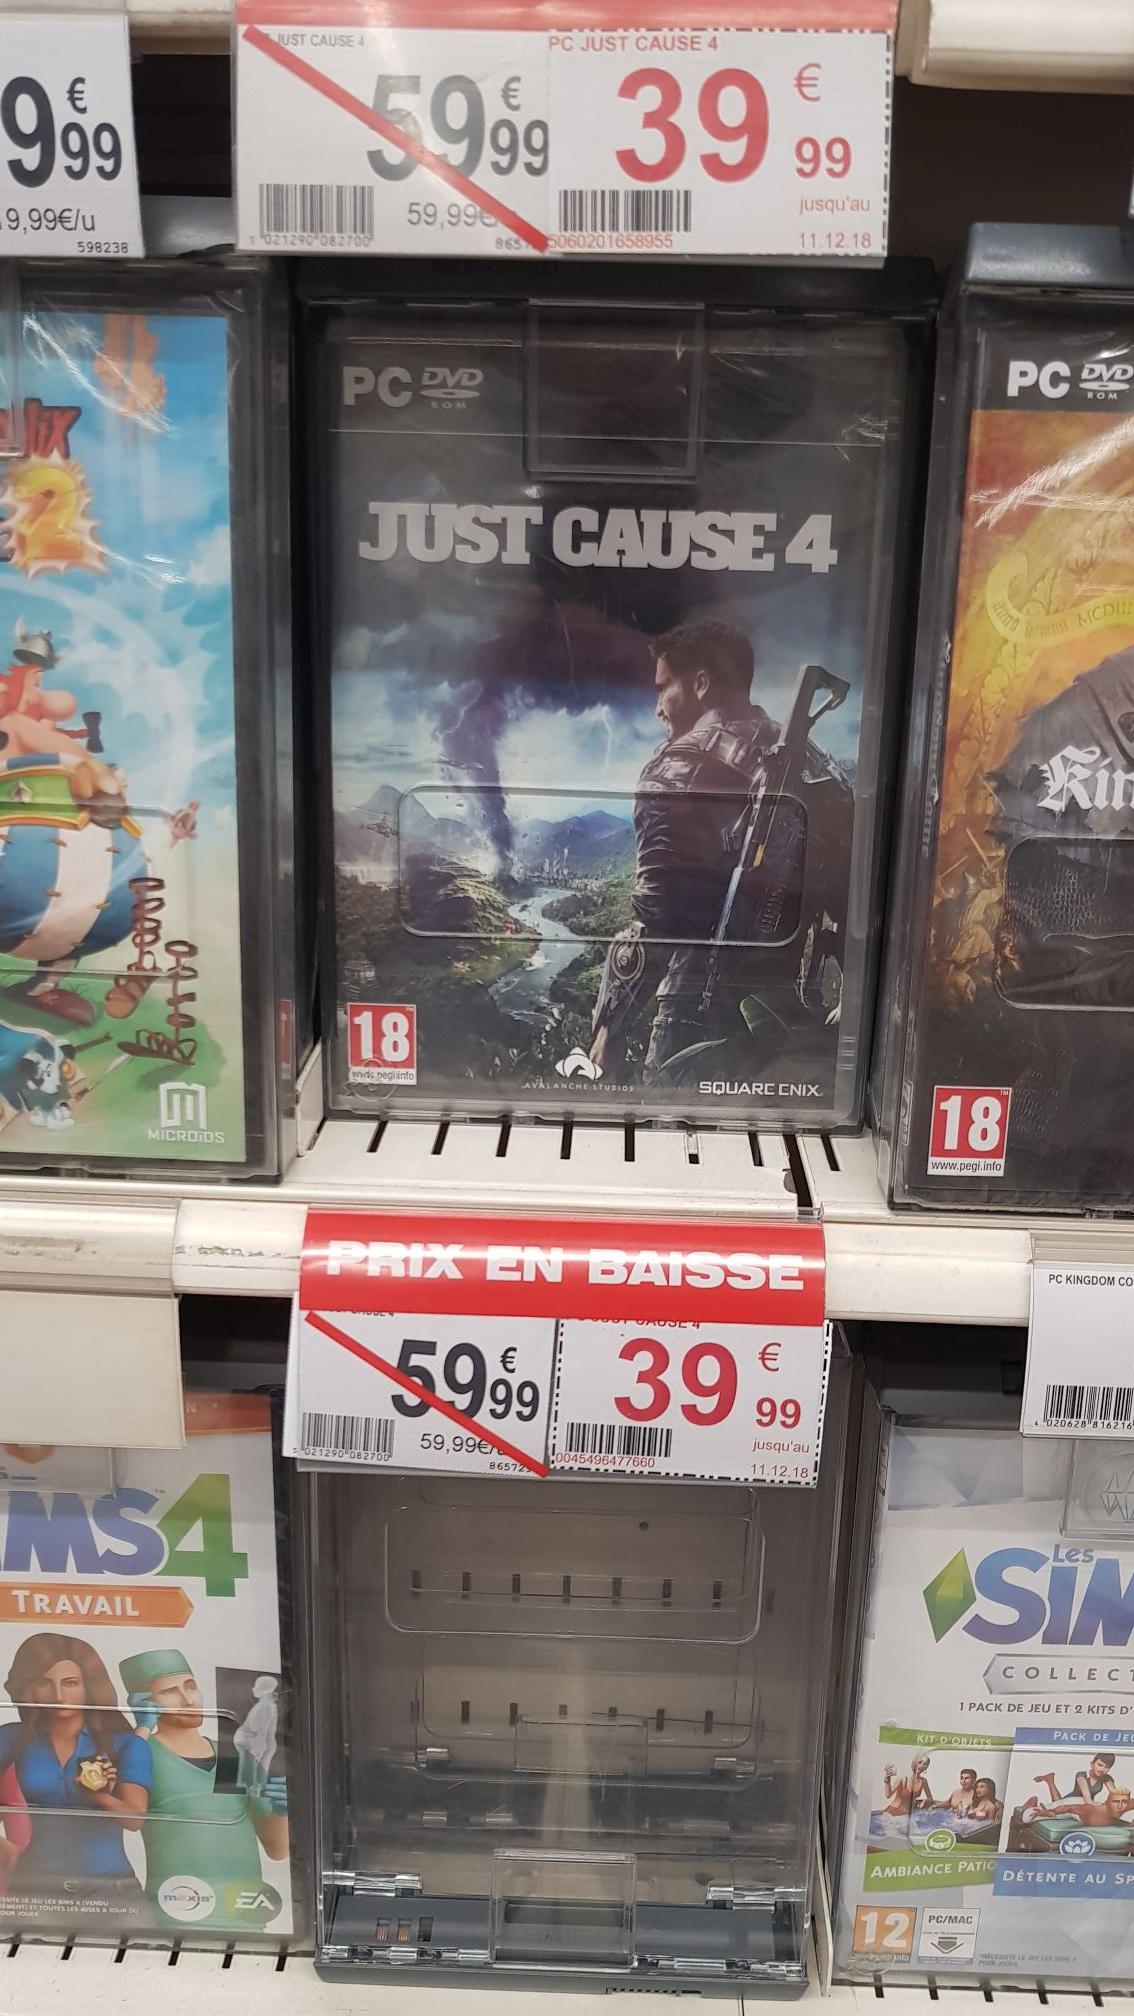 Sélection de jeux PC en promotion -  Ex : Just Cause 4 sur PC - Le Pontet (84)